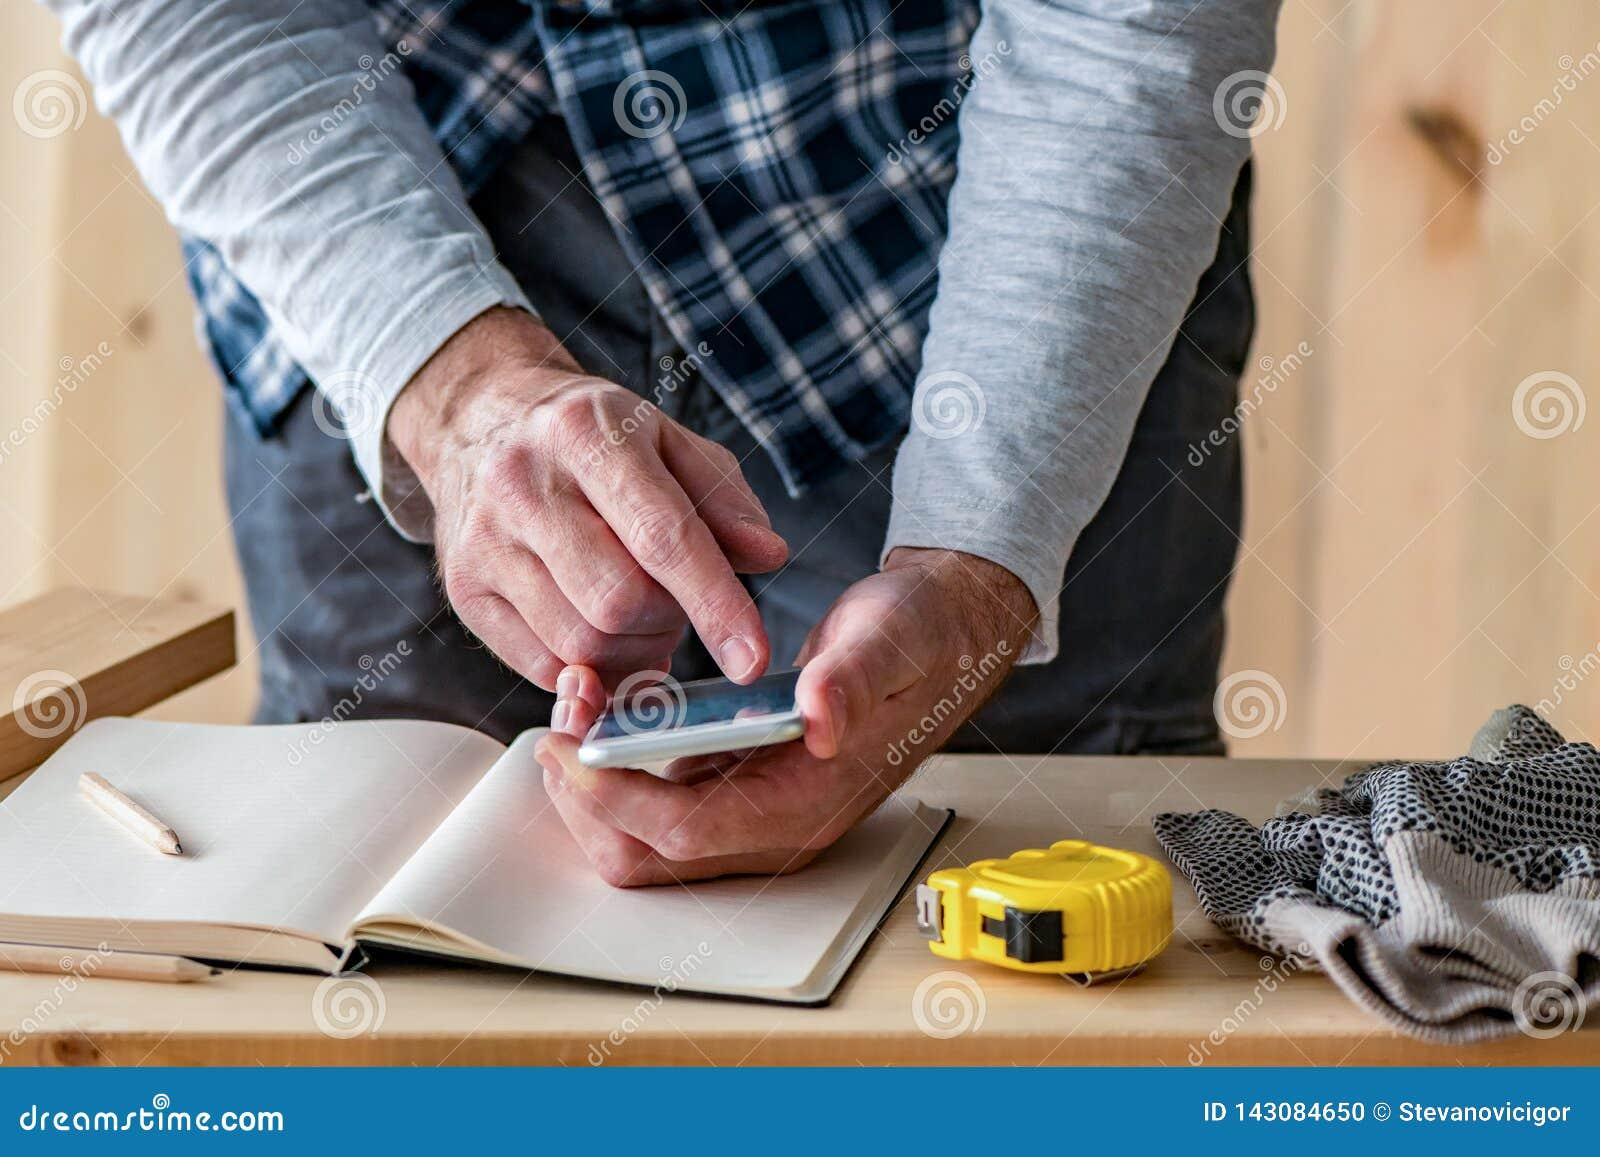 Carpintero que hace el cálculo del proyecto usando el app del smartphone